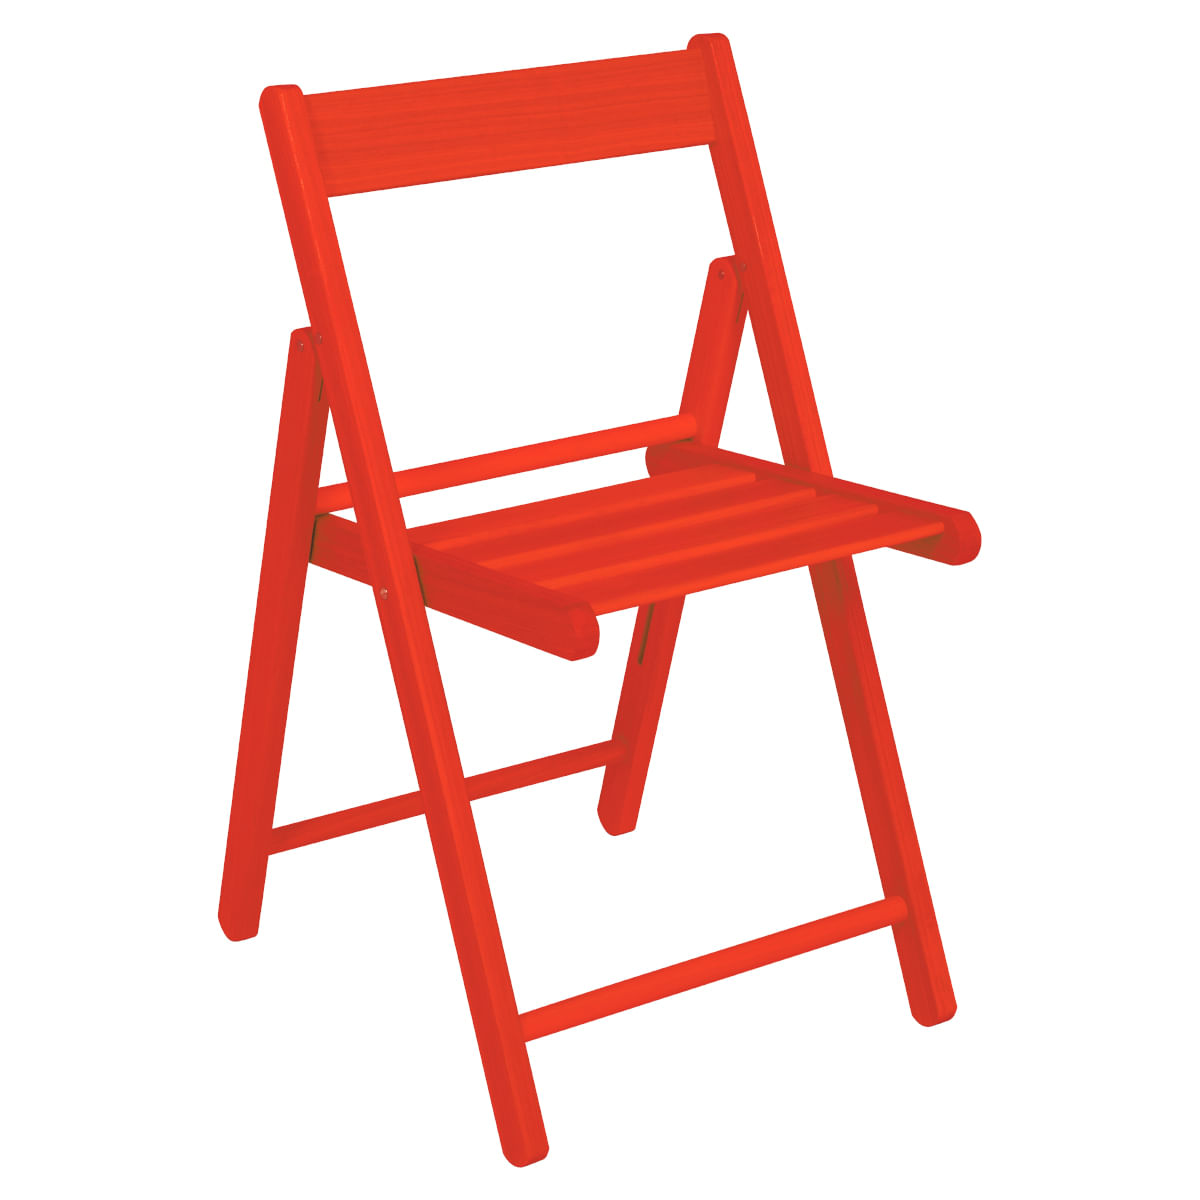 Cadeira Tramontina Dobrável de Madeira Vermelha Aconchego